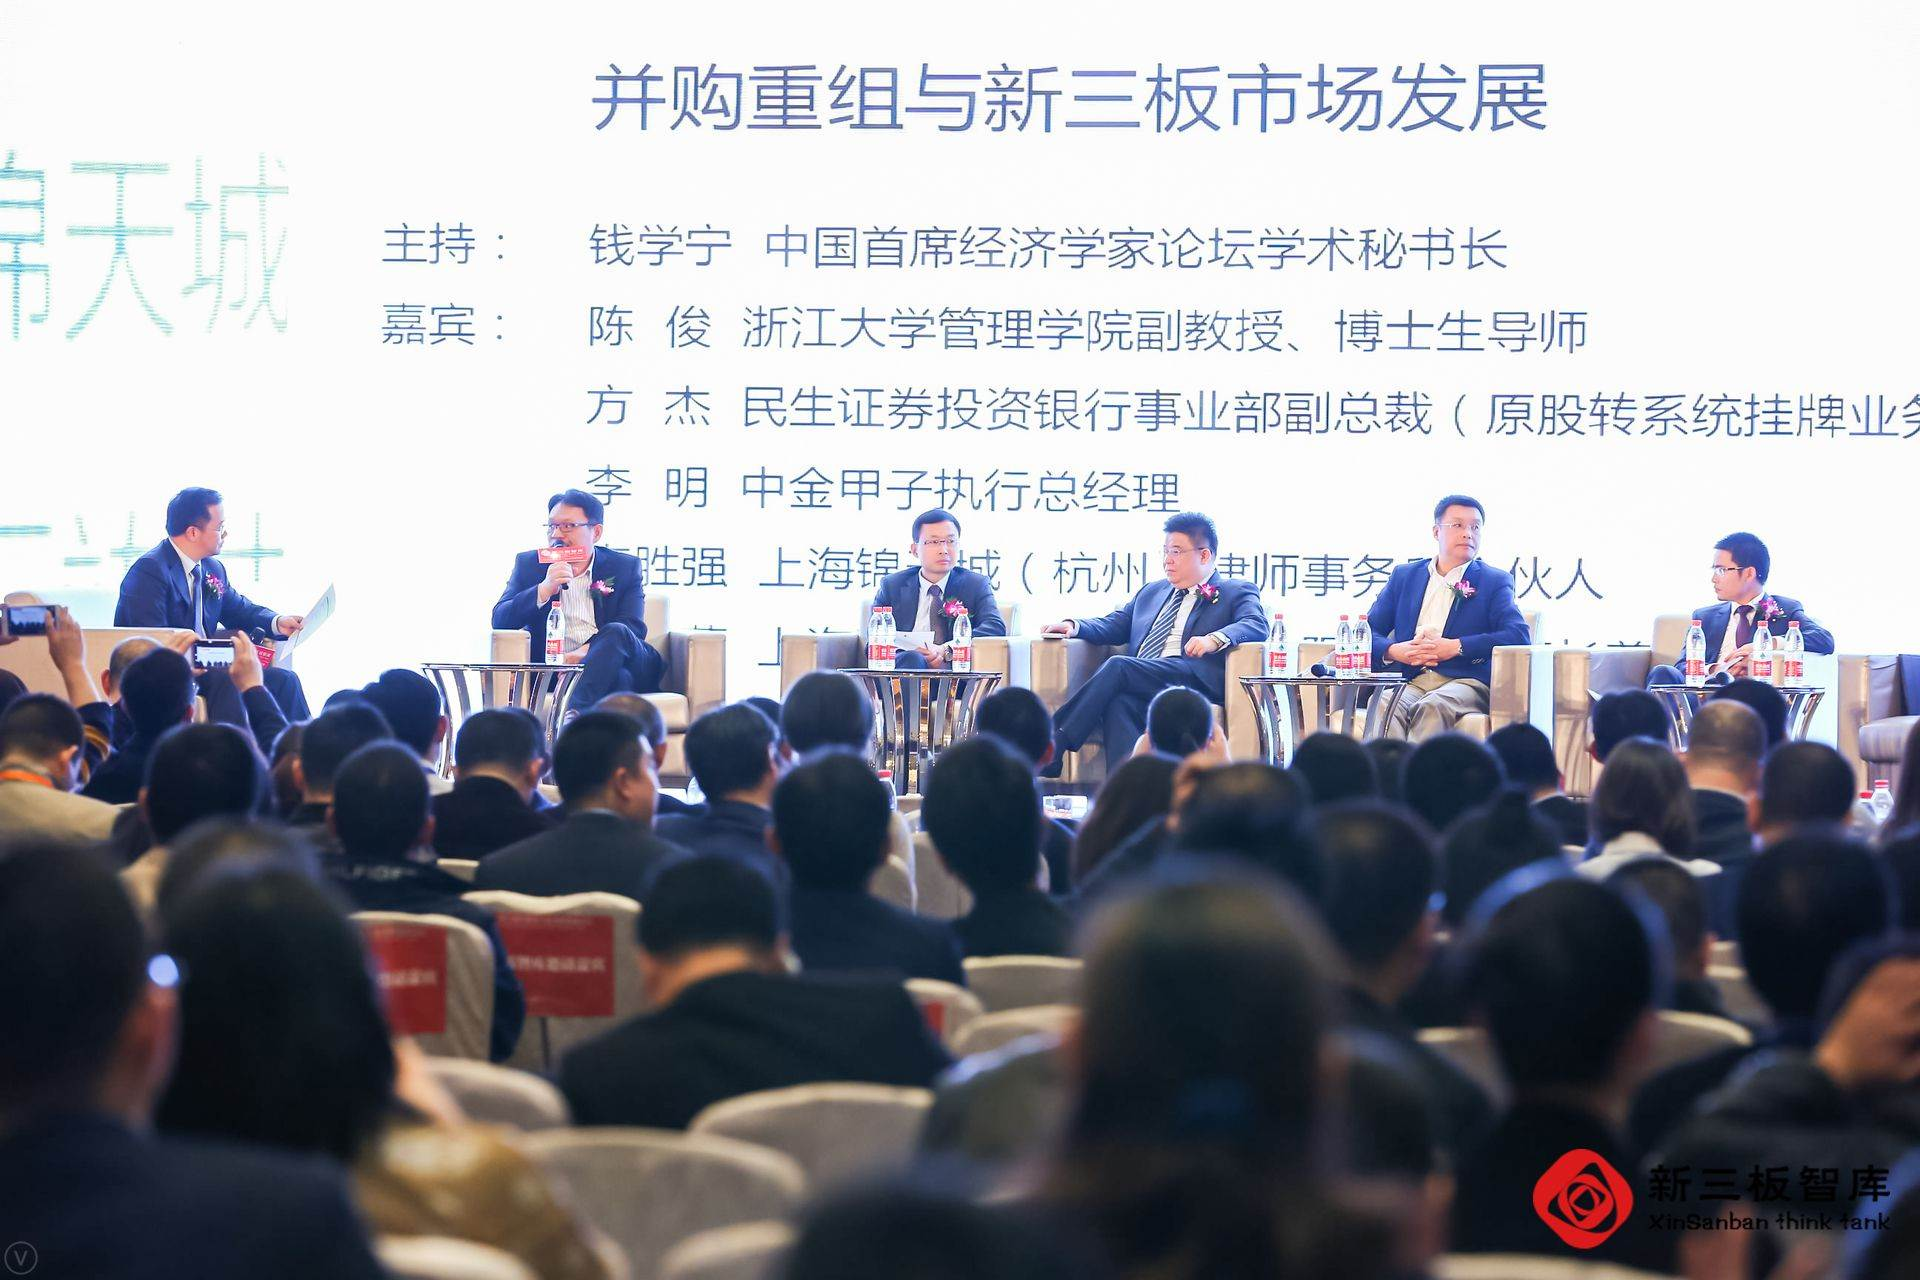 第一场圆桌论坛: 并购重组与新三板市场发展